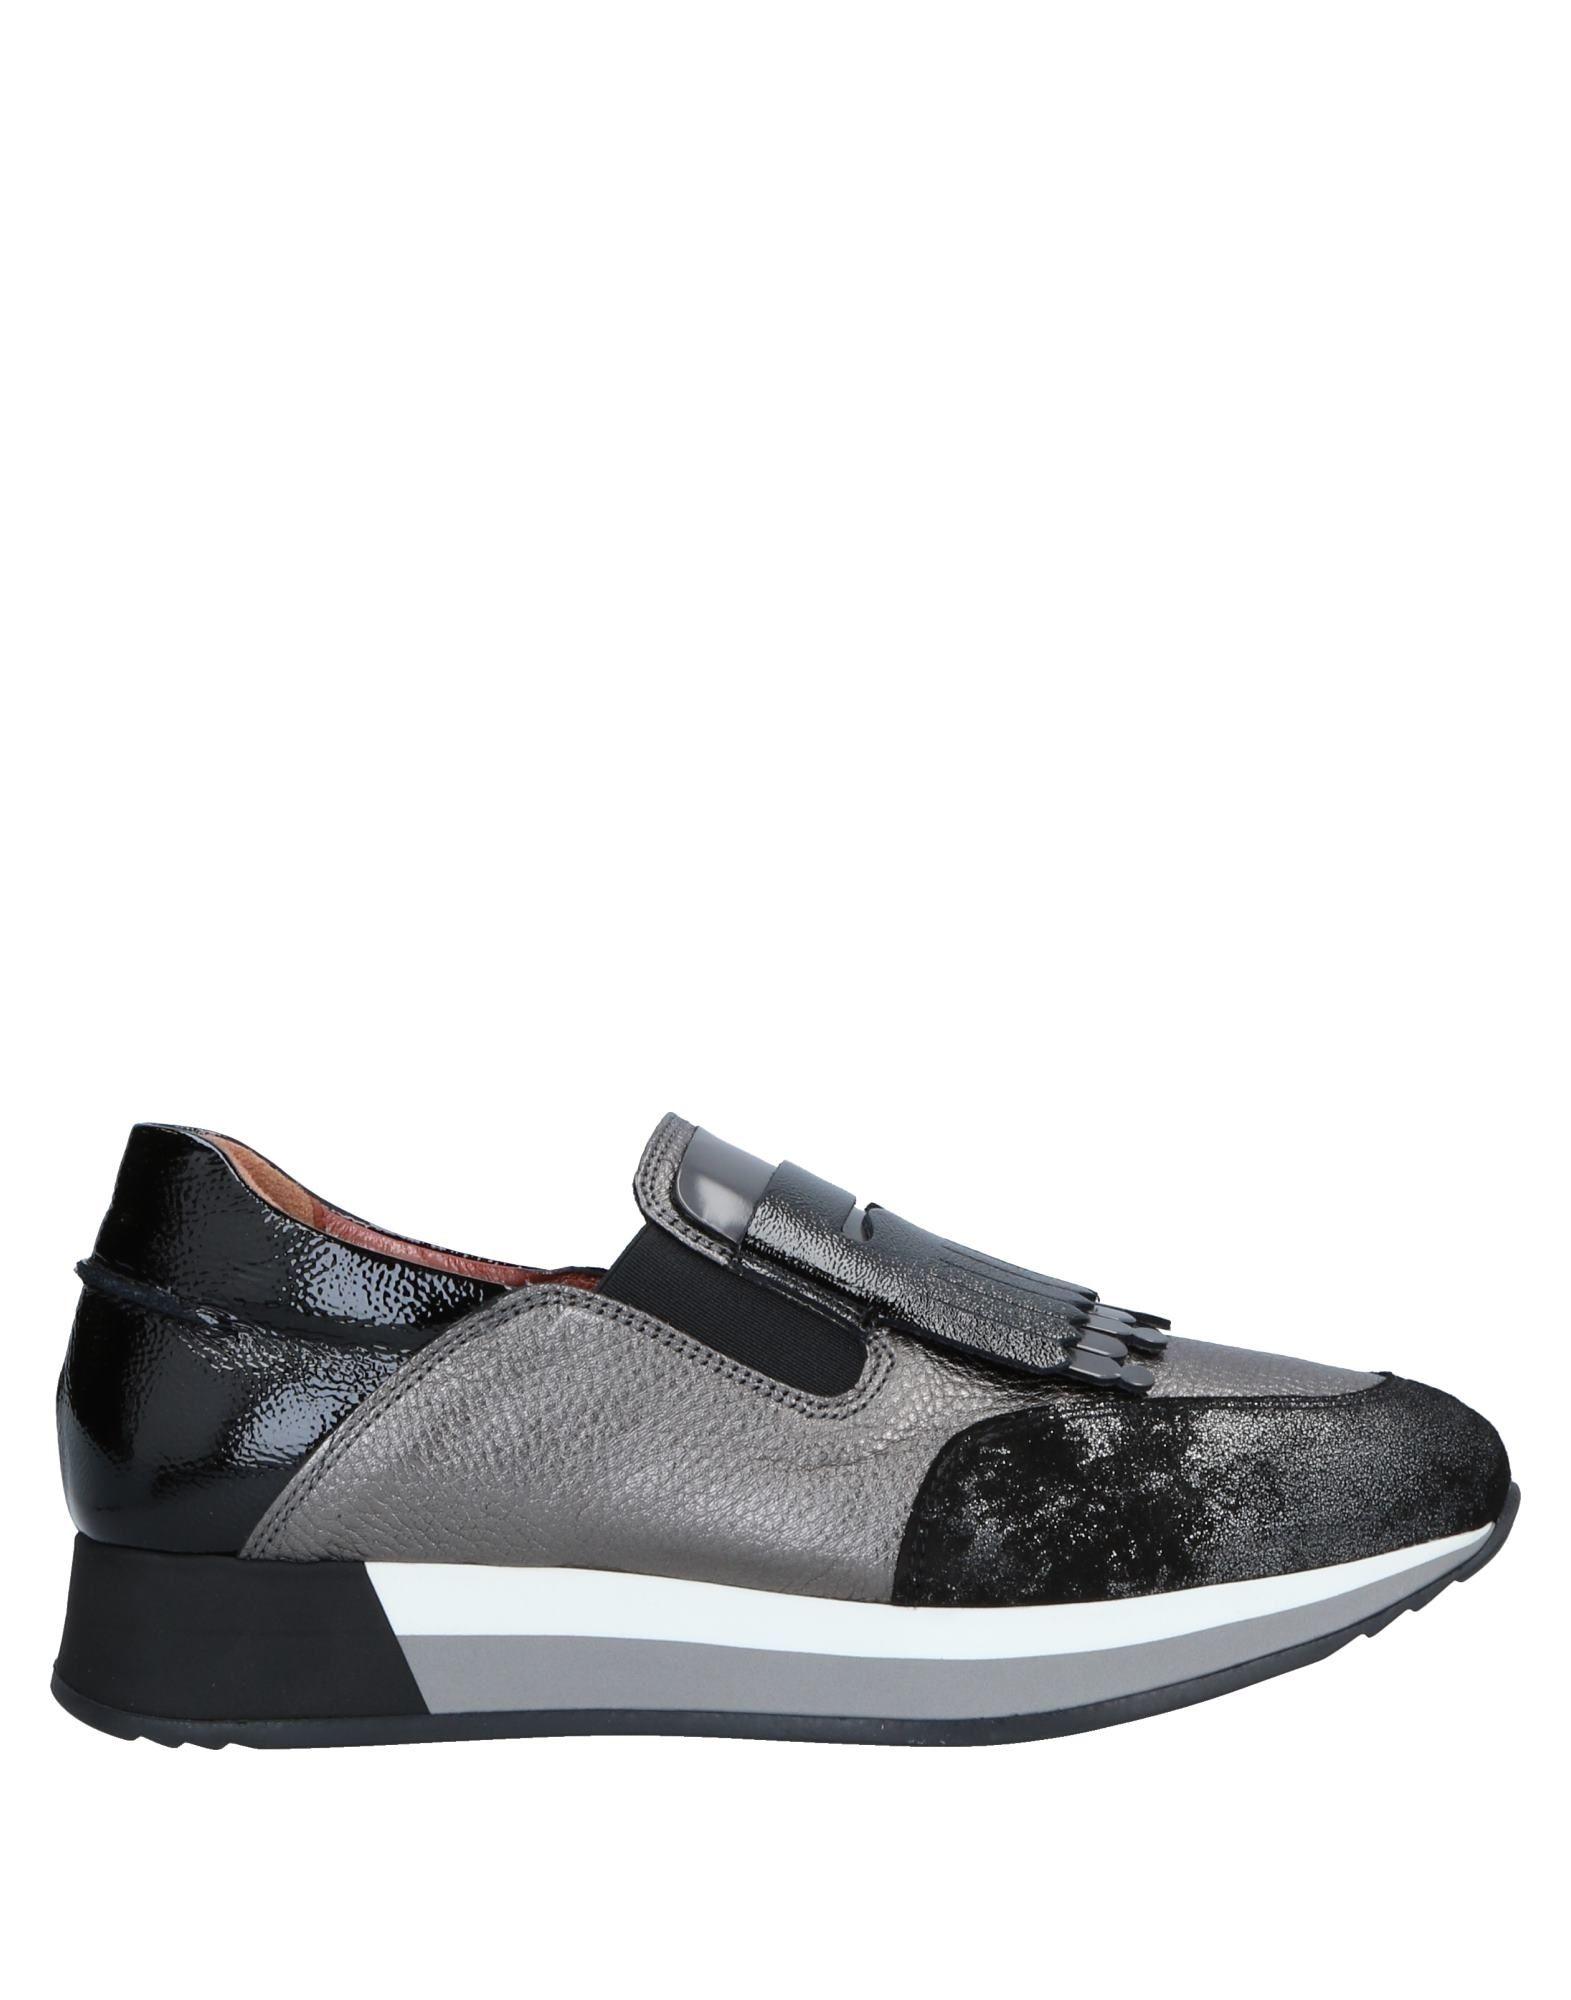 Mot Schuhe 11487244TO Gute Qualität beliebte Schuhe Mot f55521